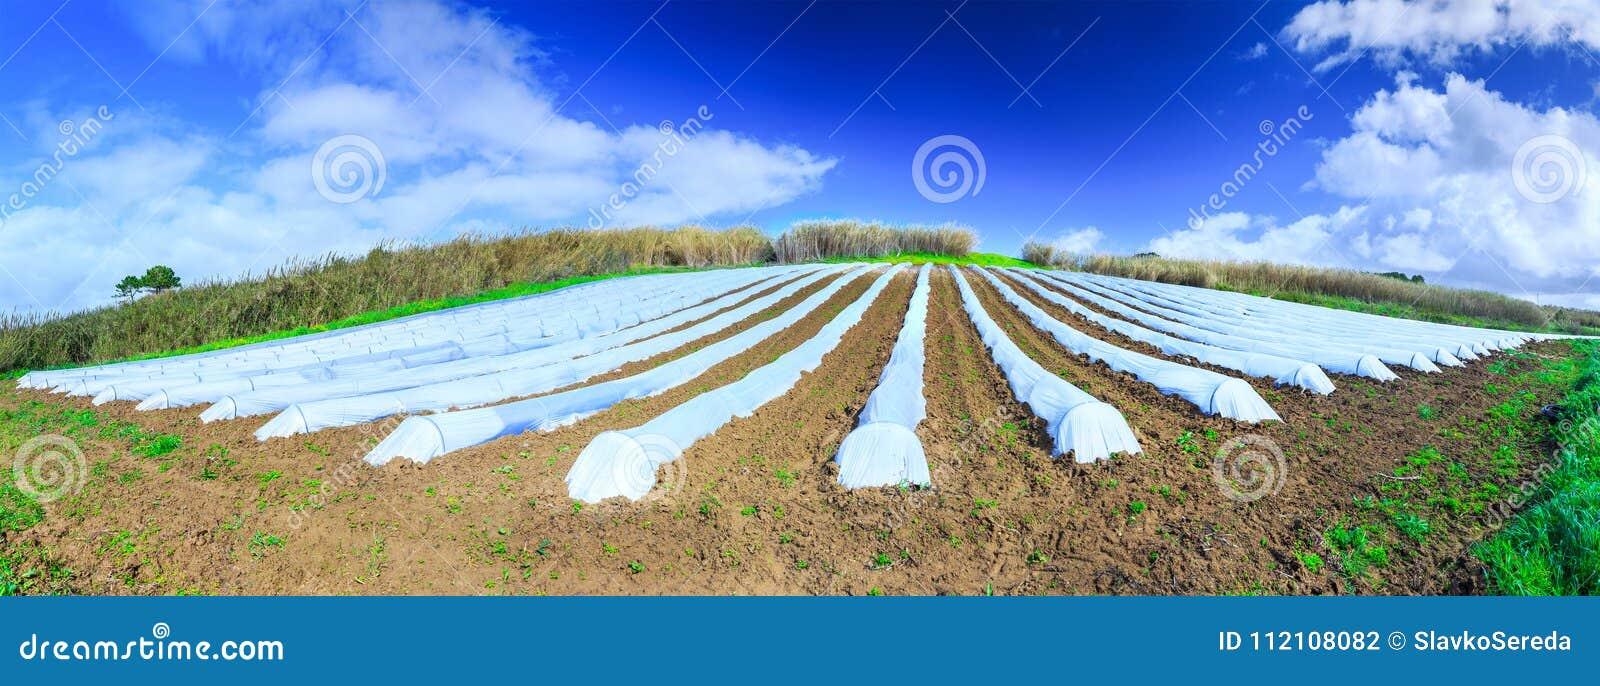 Eine typische Landwirtschaftstechnologie der Vorfrühlingsbearbeitung von